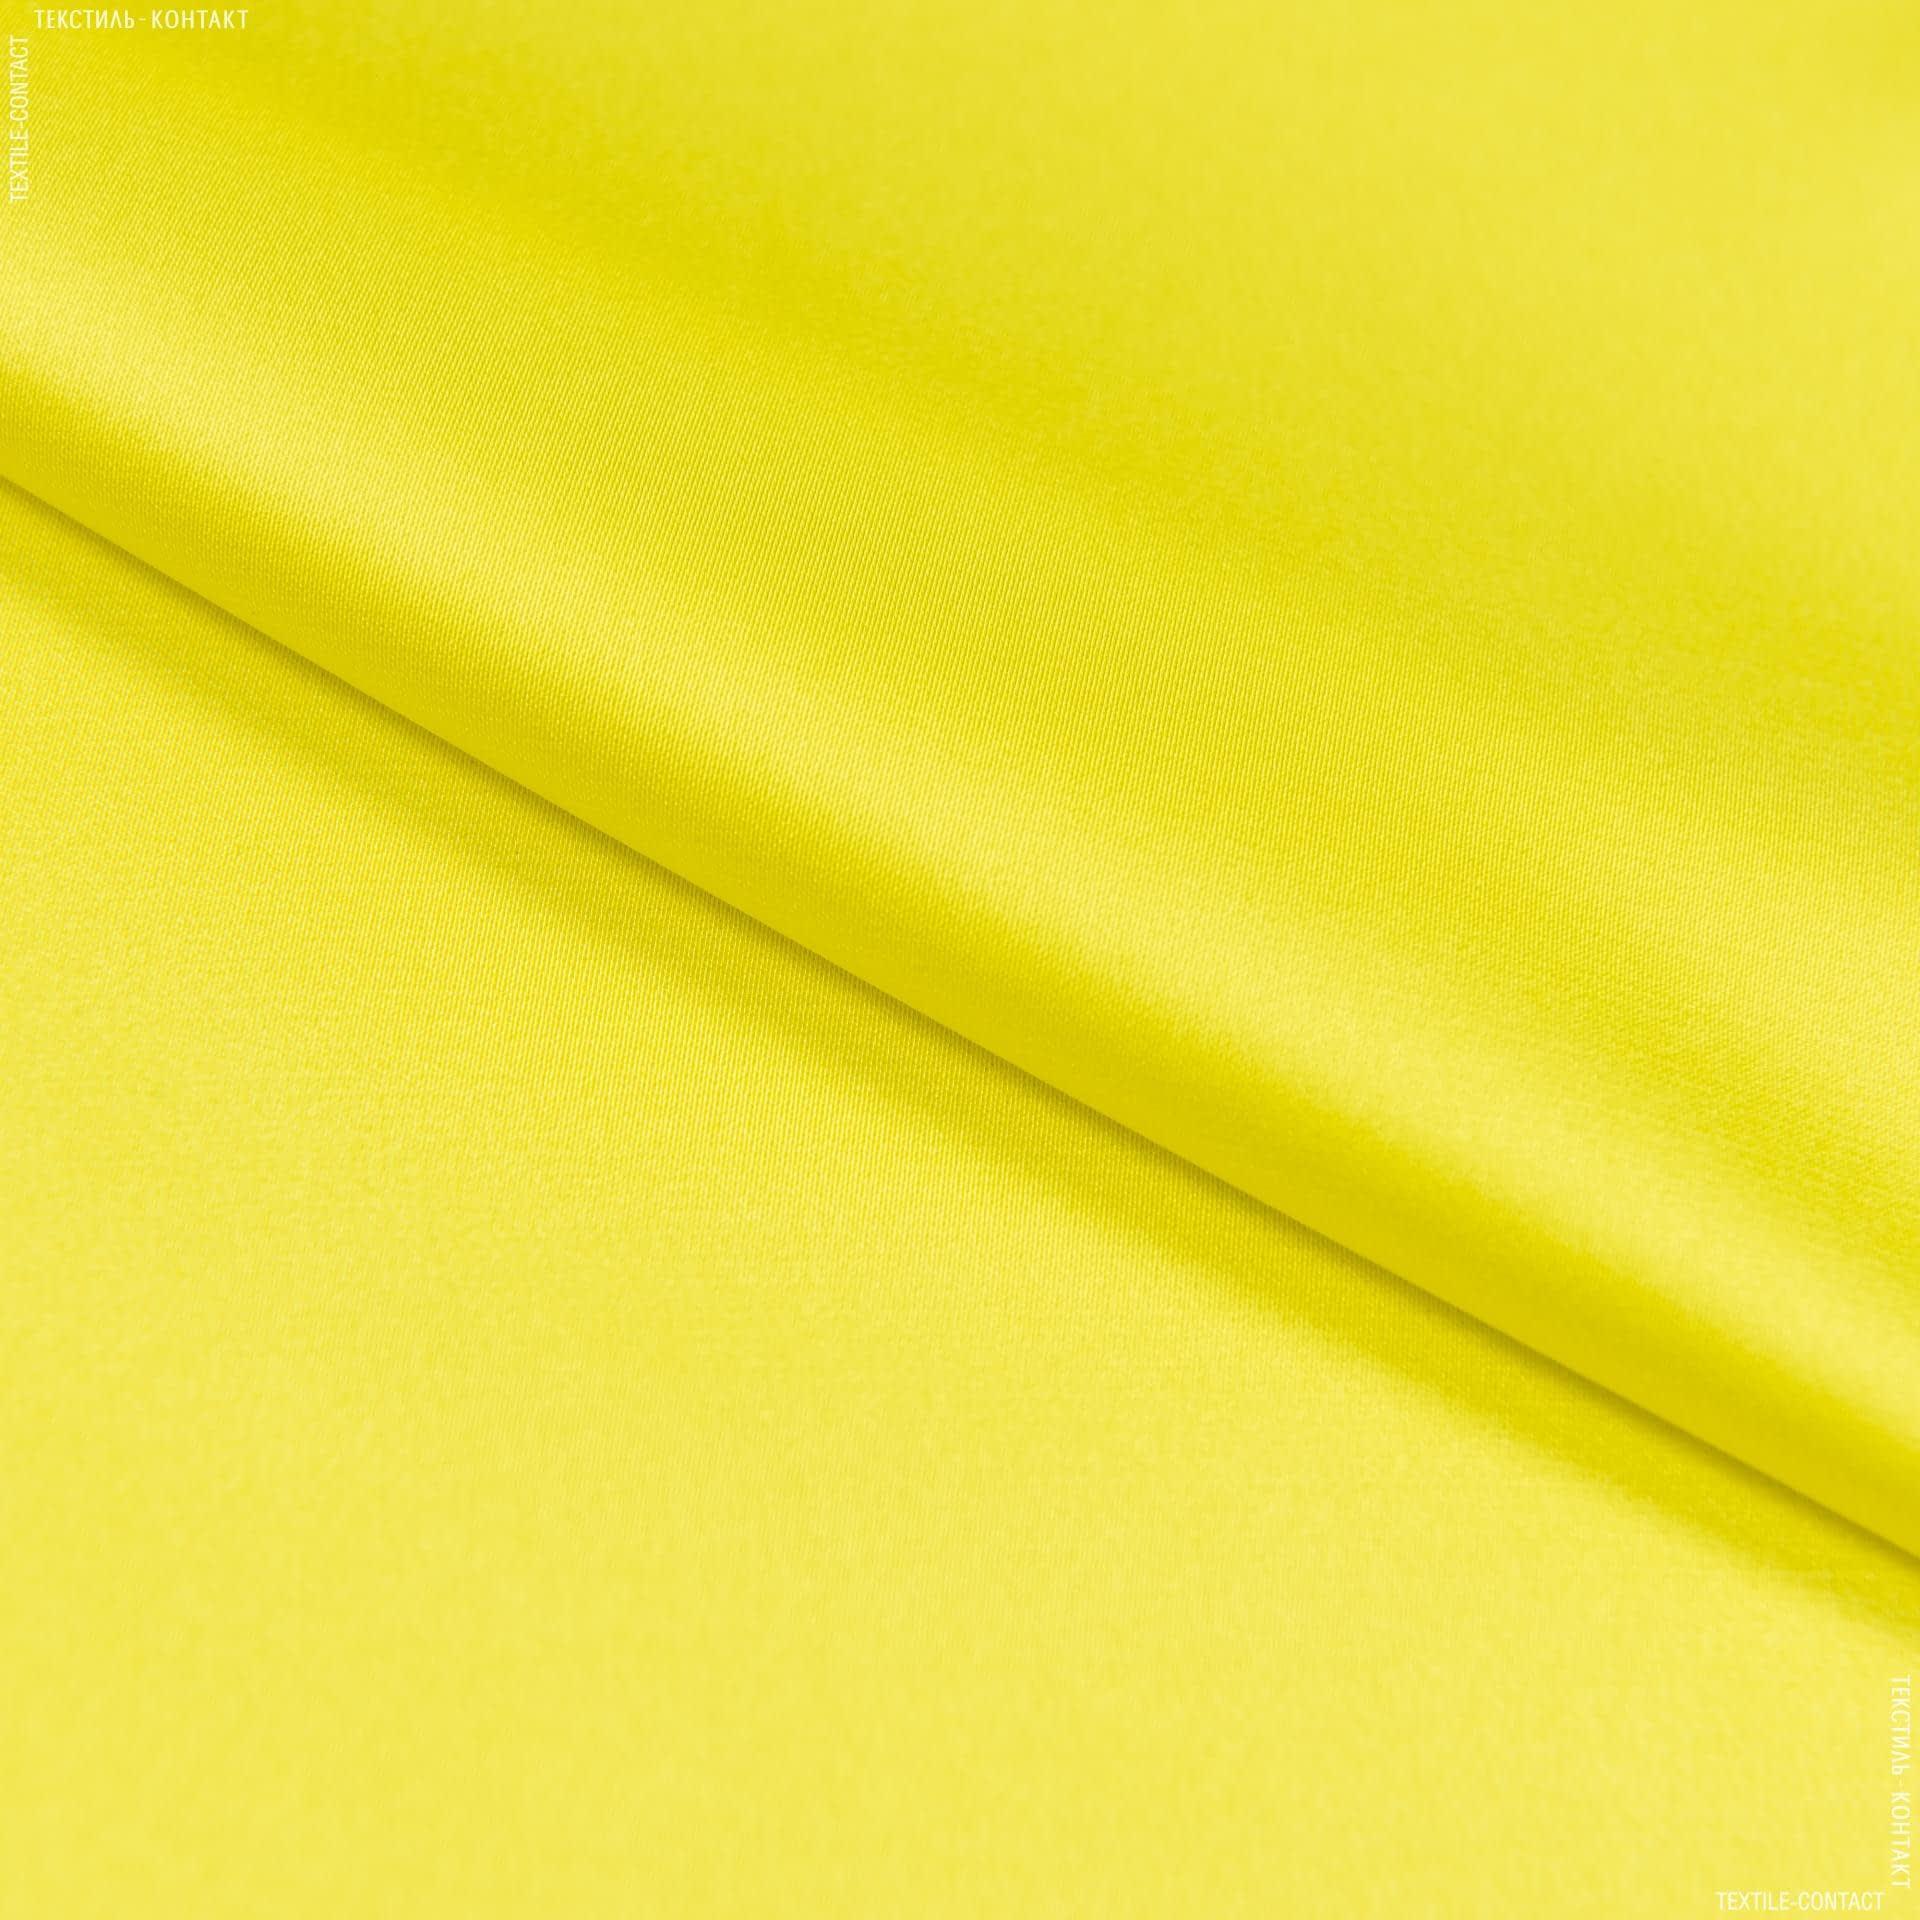 Ткани для платьев - Шелк искусственный стрейч лимонный